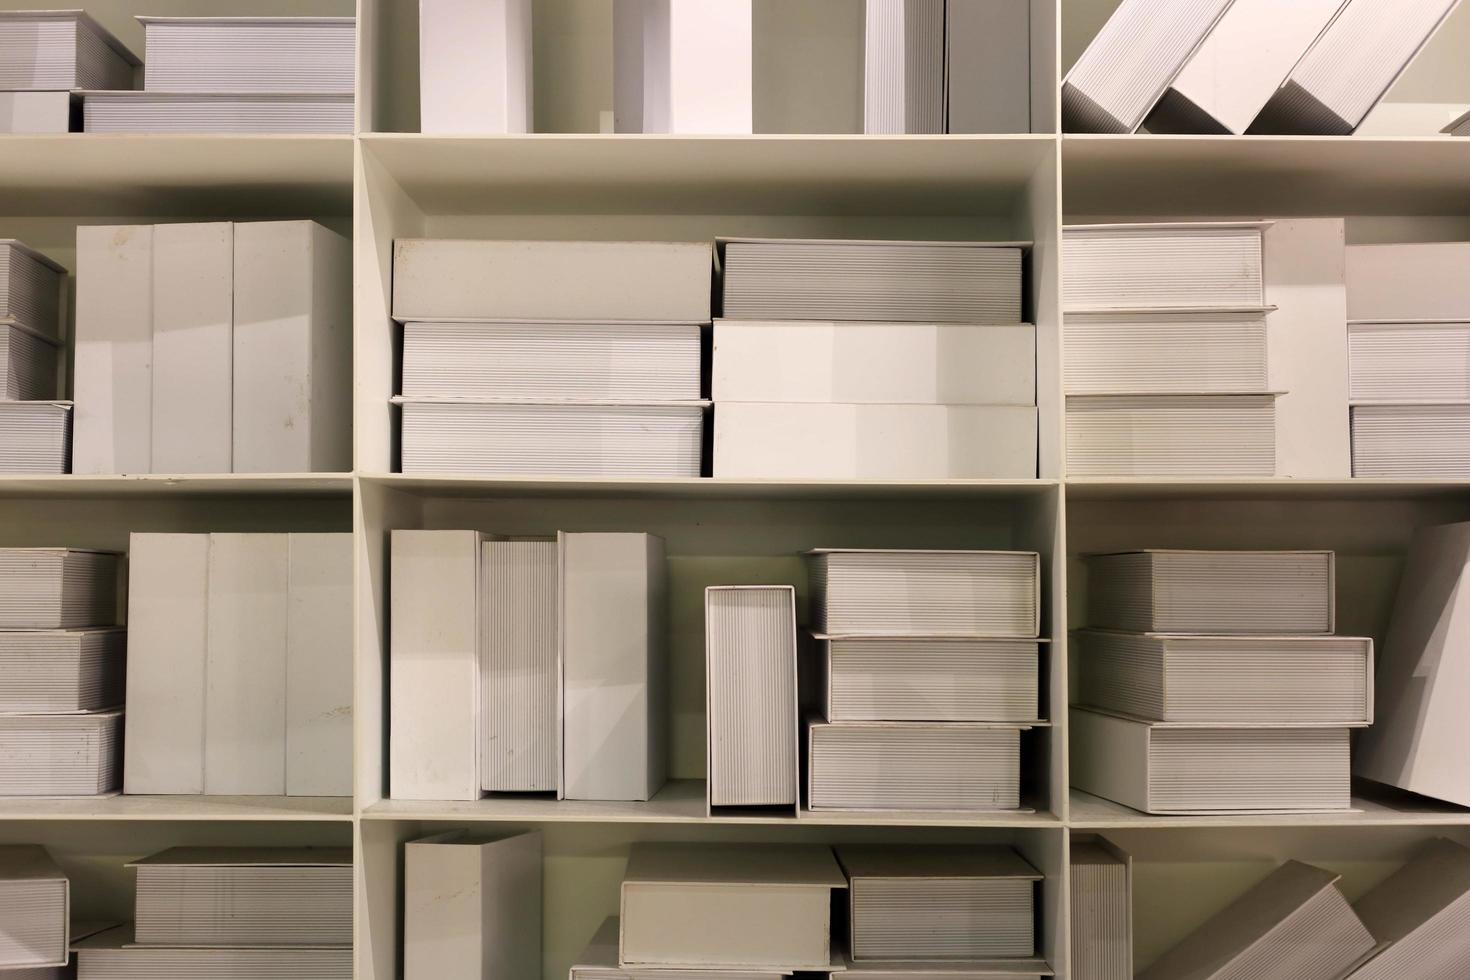 libros blancos en el fondo del estante foto